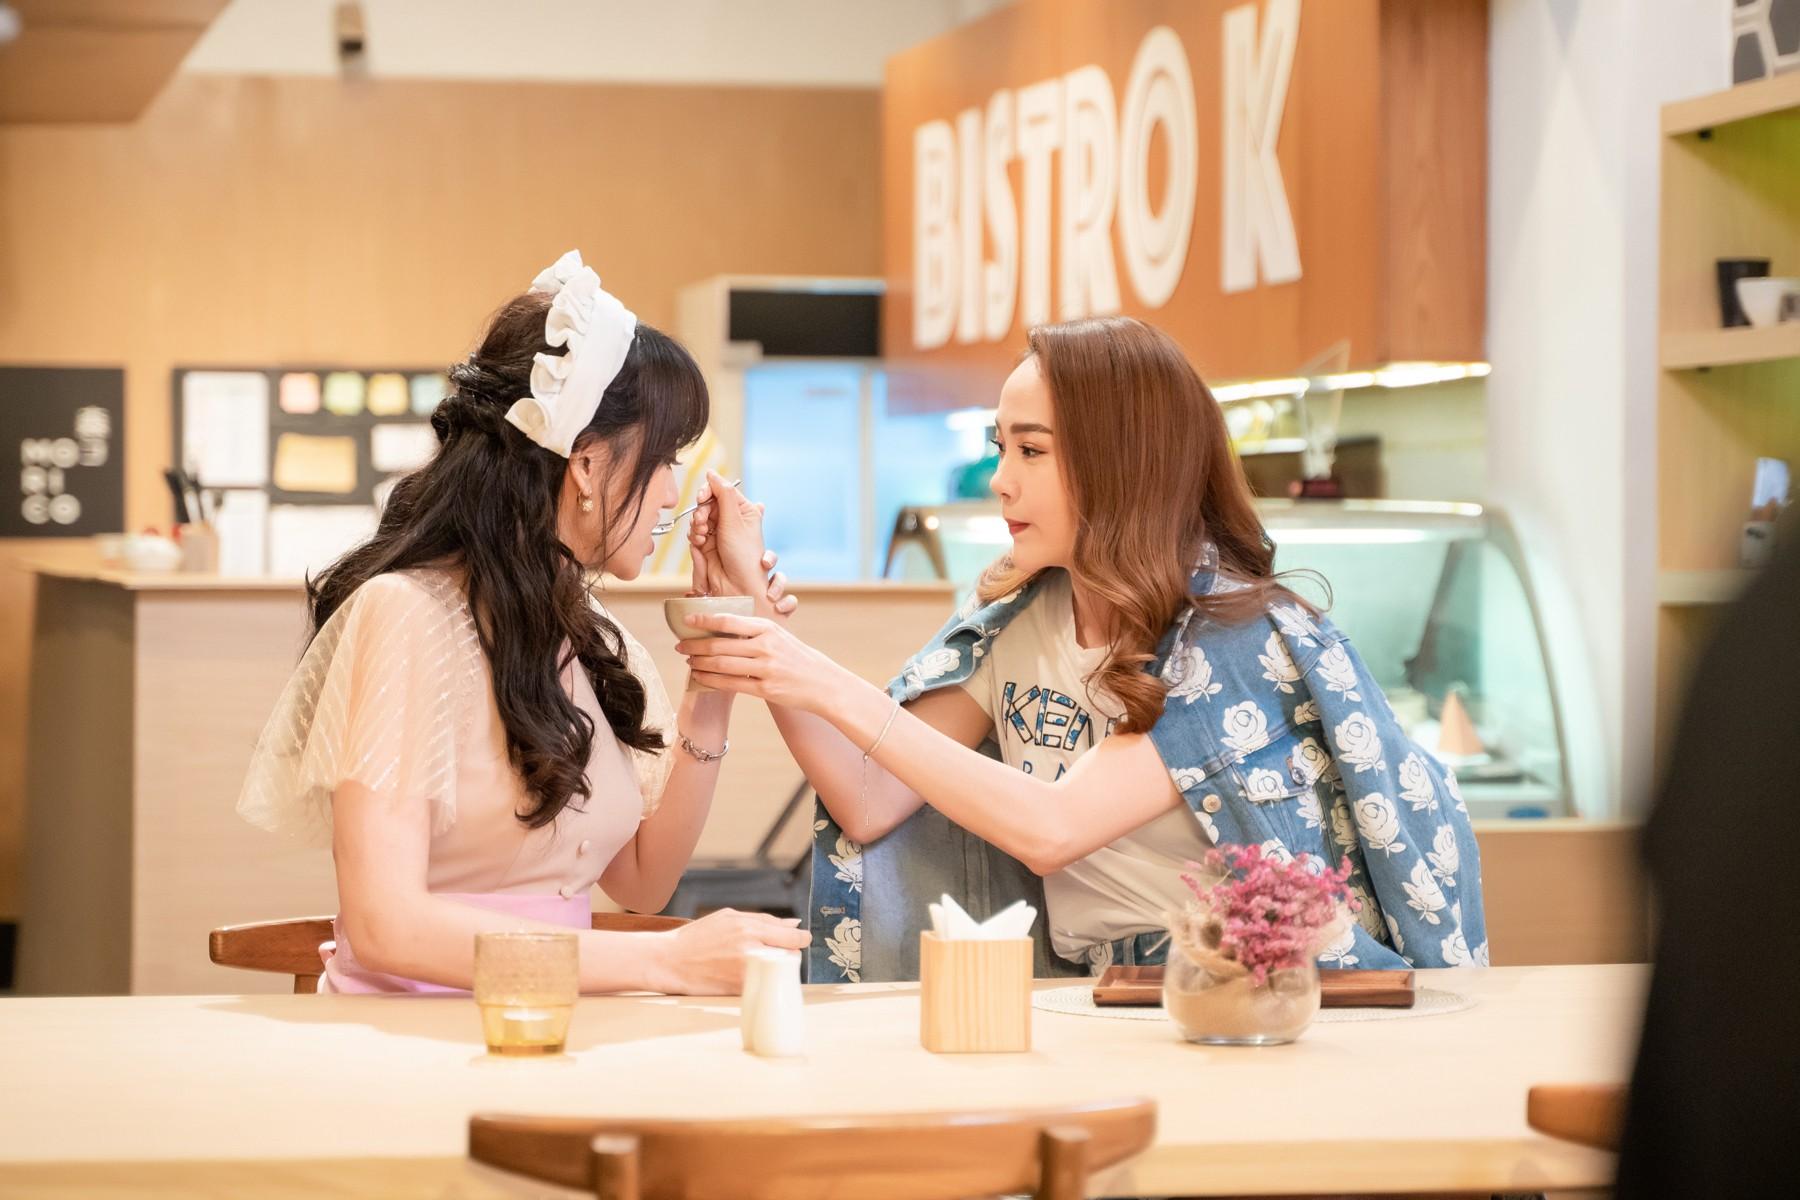 Làm nữ phục vụ xinh xắn, Hari Won bị than phiền vì thường xuyên xin ăn của đồng nghiệp  - Ảnh 11.